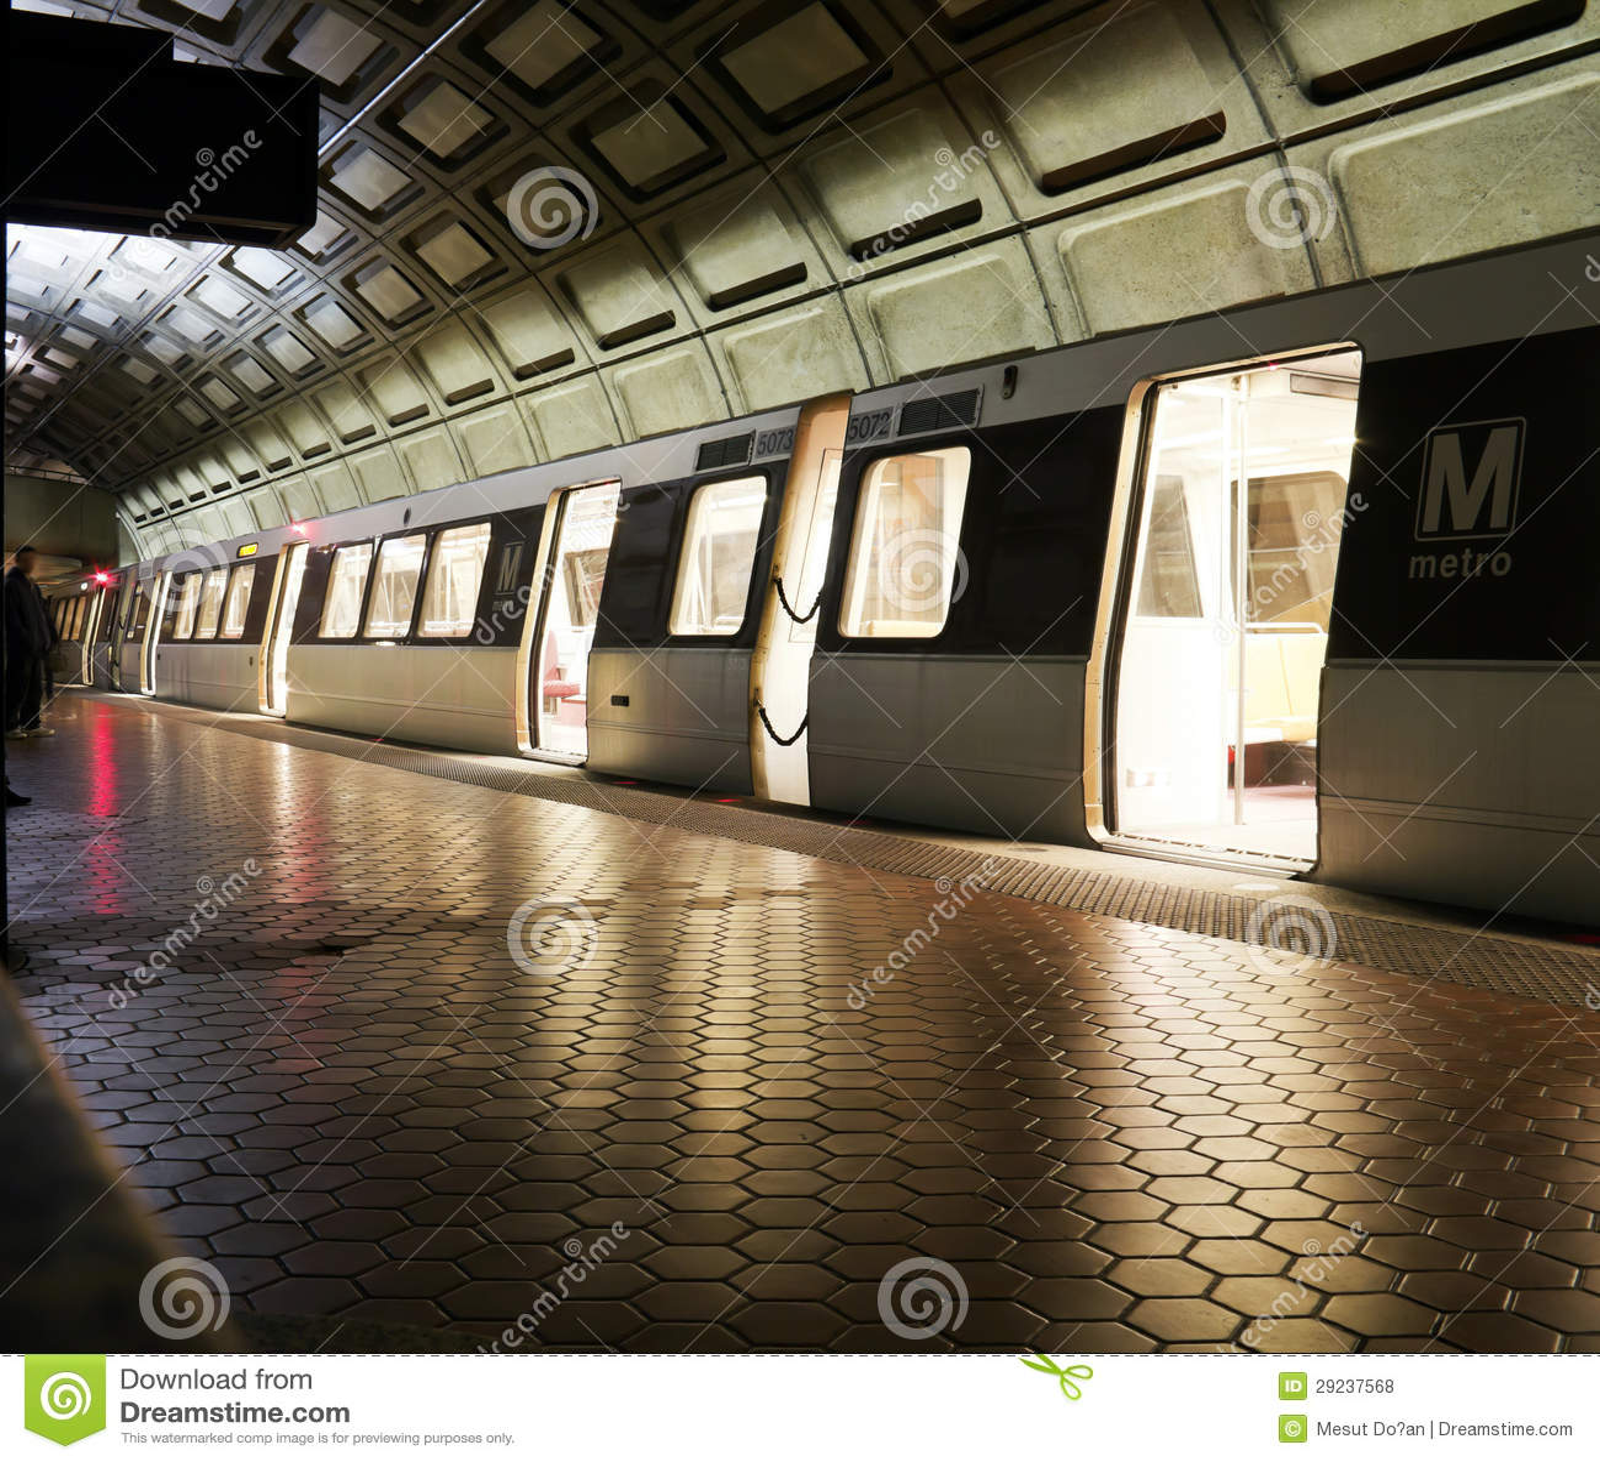 Download Metro foto de stock. Imagem de passageiro, multidão, assento - 29237568